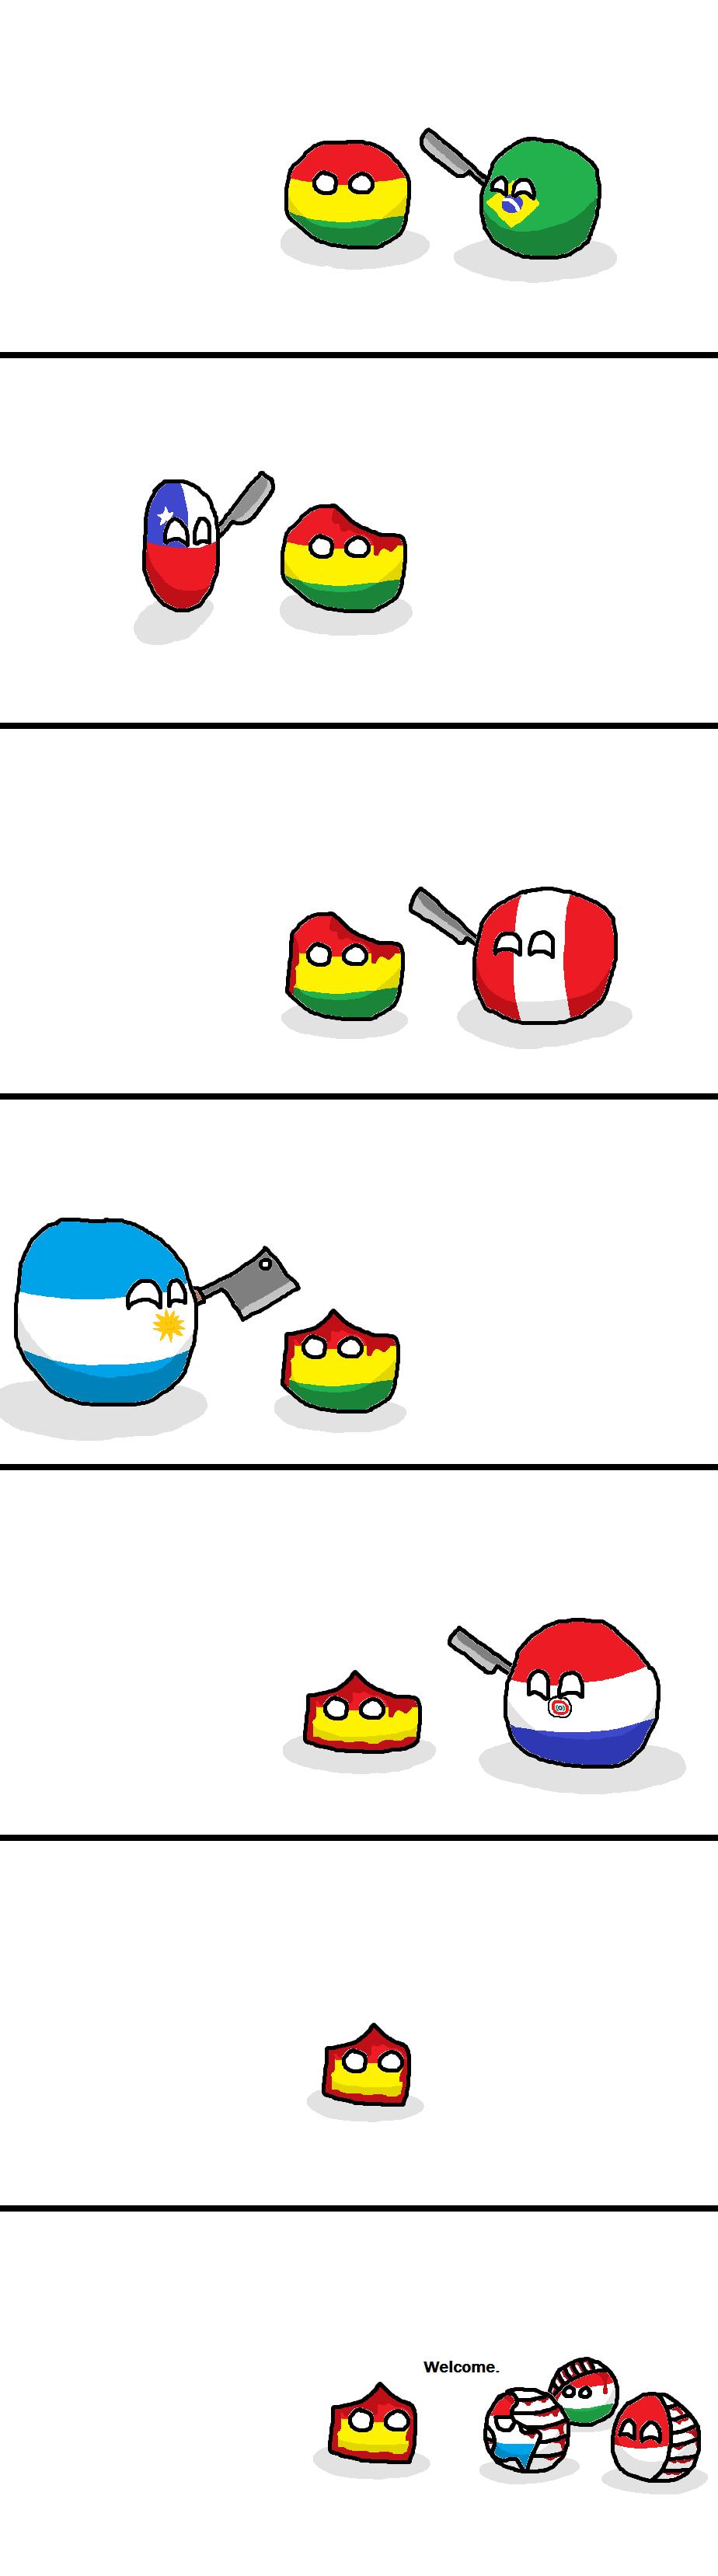 oGqrHBG.png